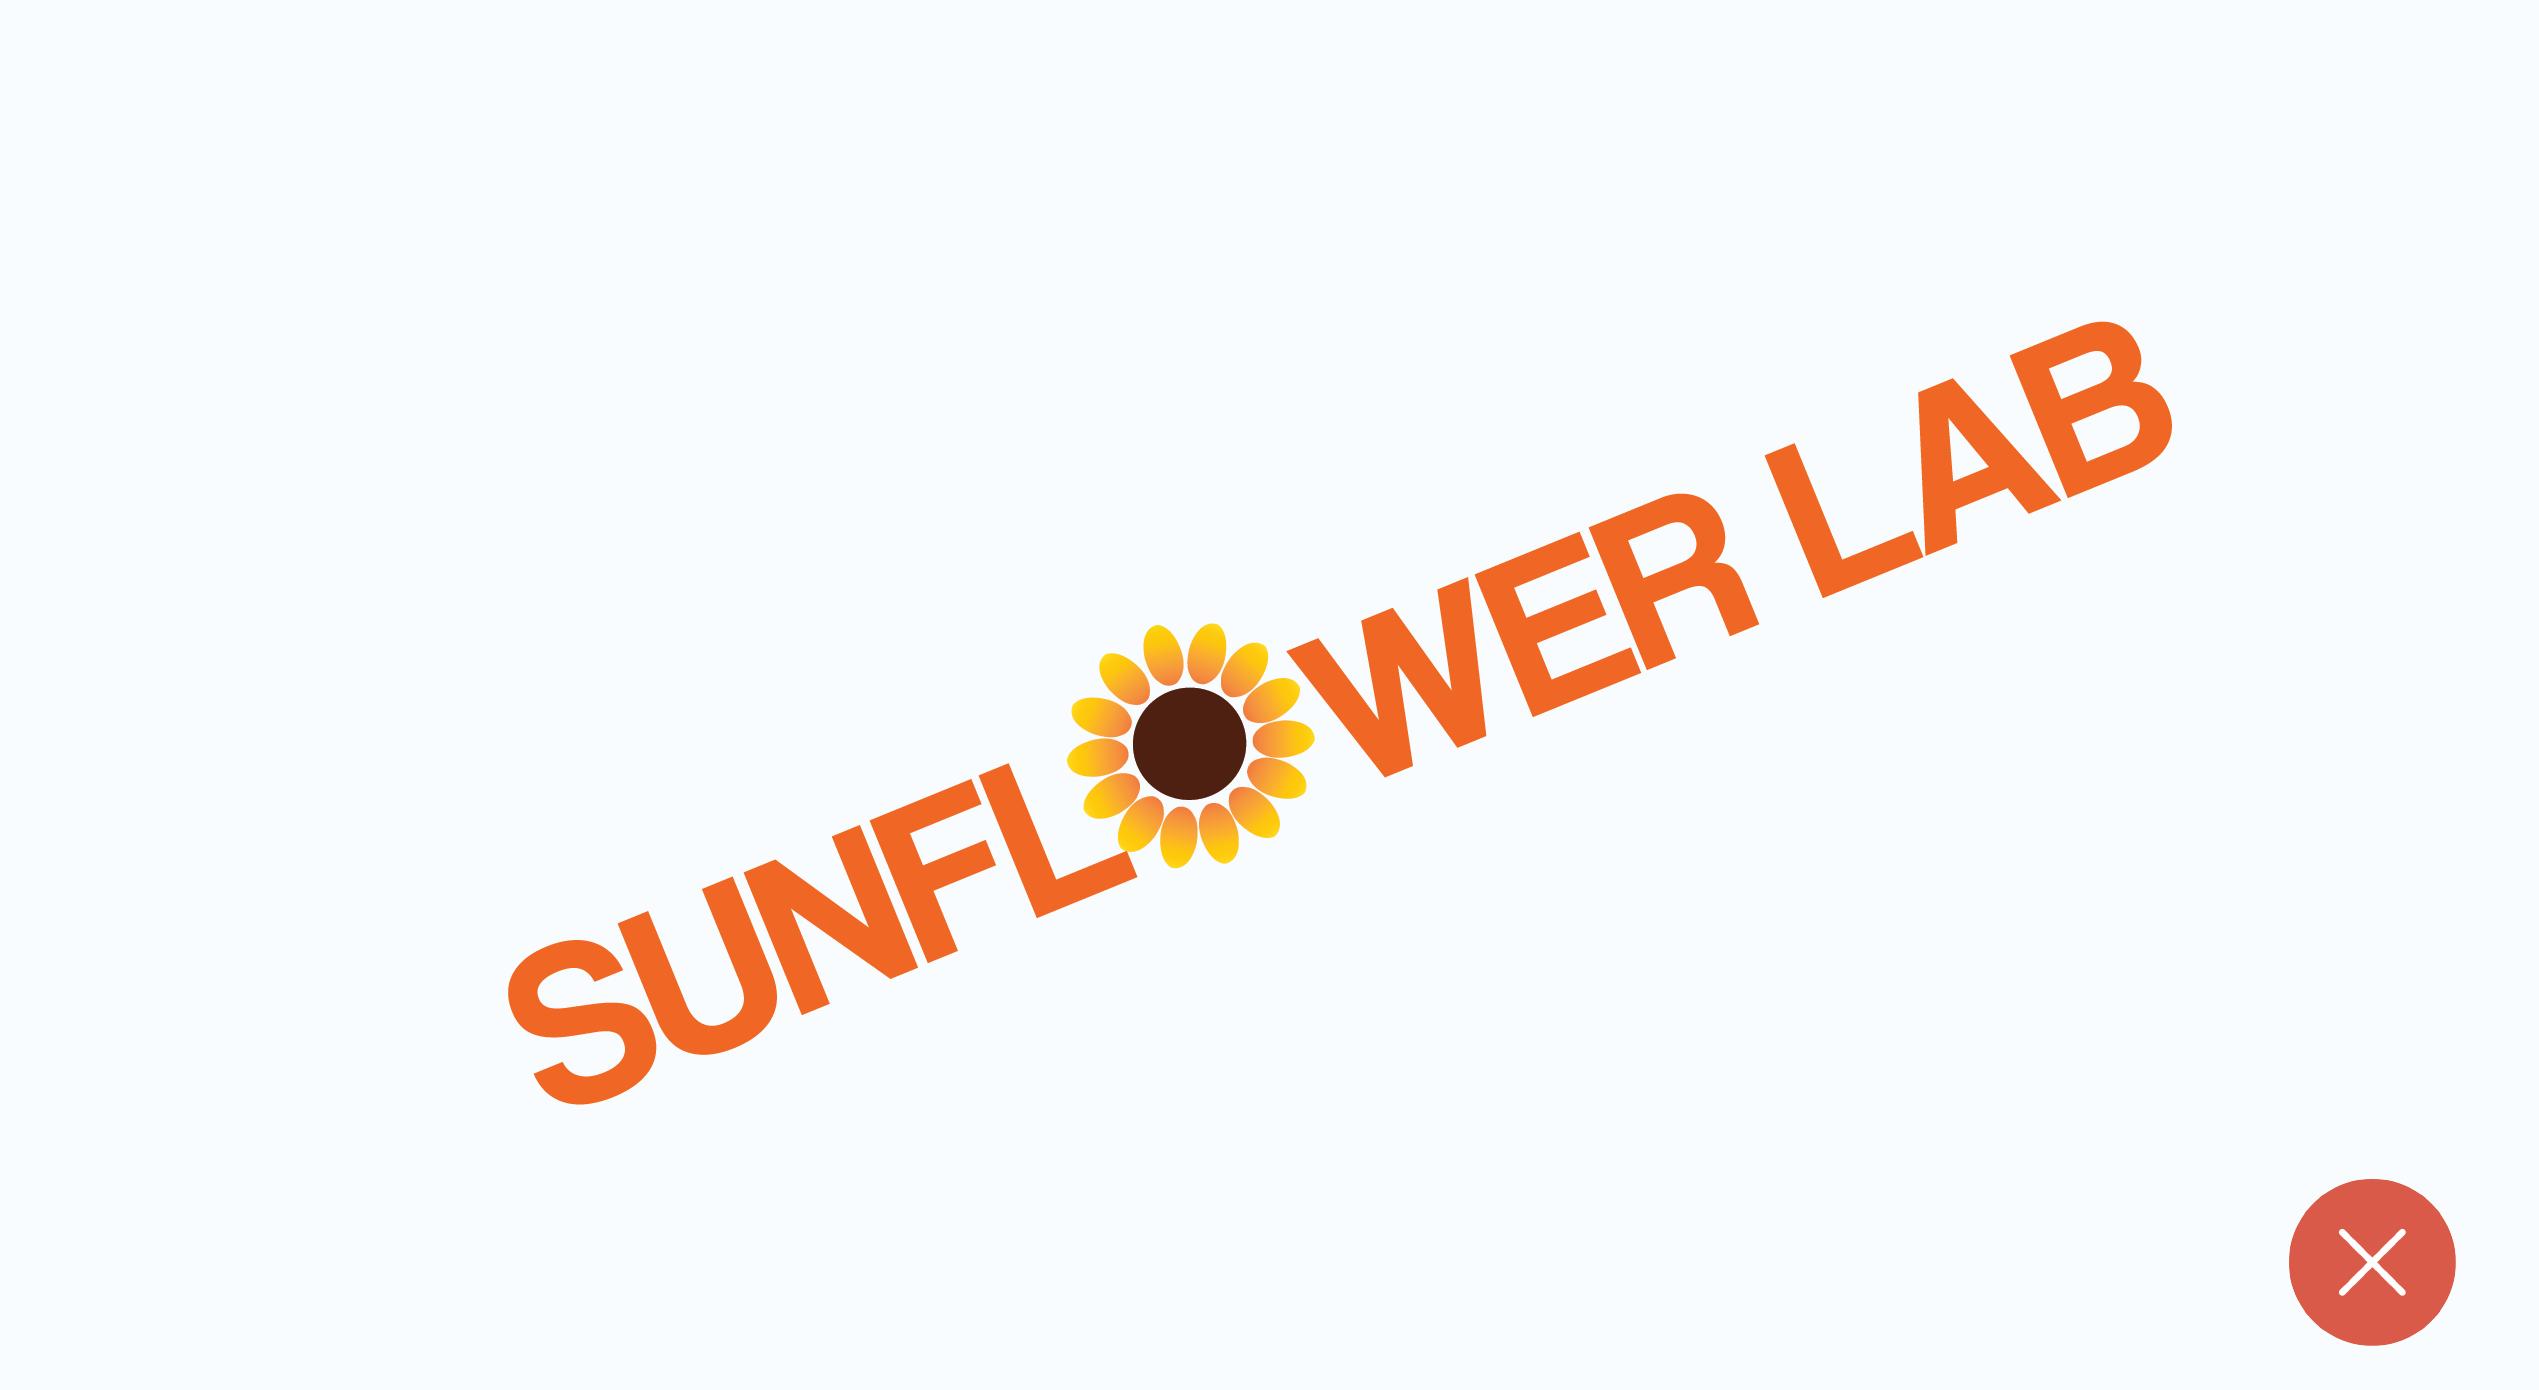 Sunflower lab 01